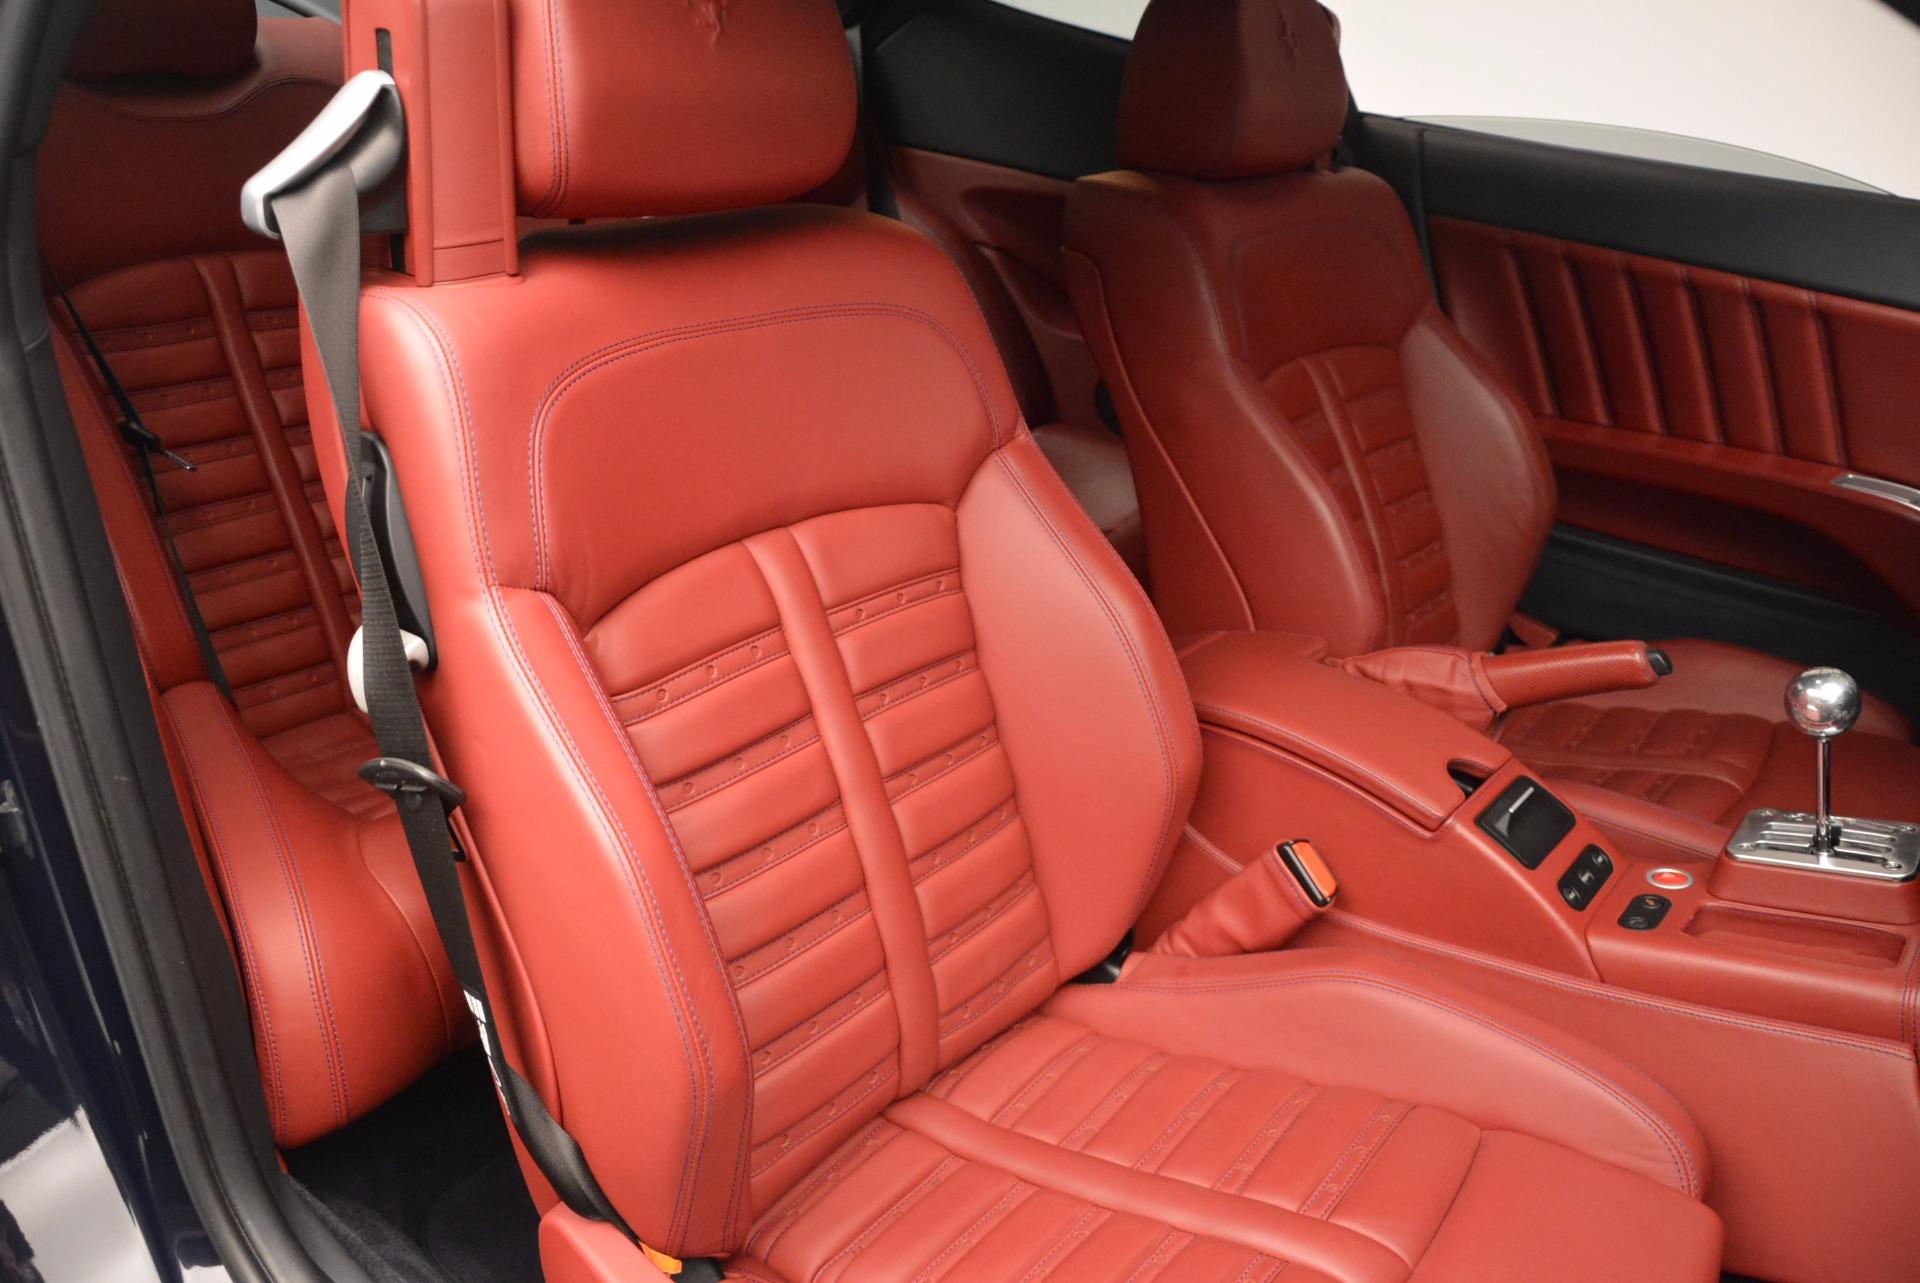 Used 2005 Ferrari 612 Scaglietti 6-Speed Manual For Sale In Greenwich, CT. Alfa Romeo of Greenwich, 4356 854_p20